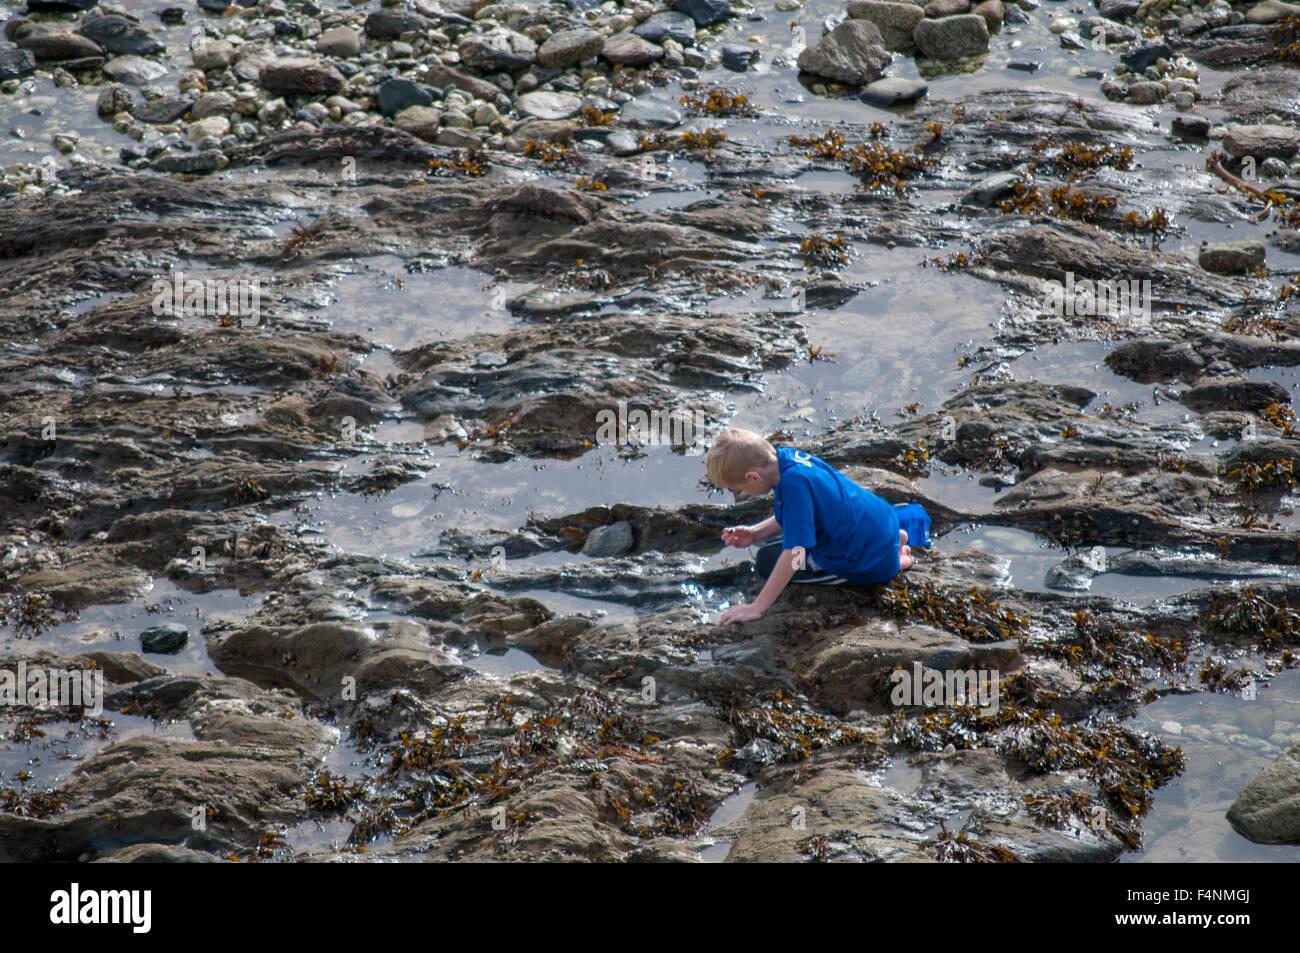 Un garçon de pêche dans une piscine dans les rochers à Cornwall Photo Stock